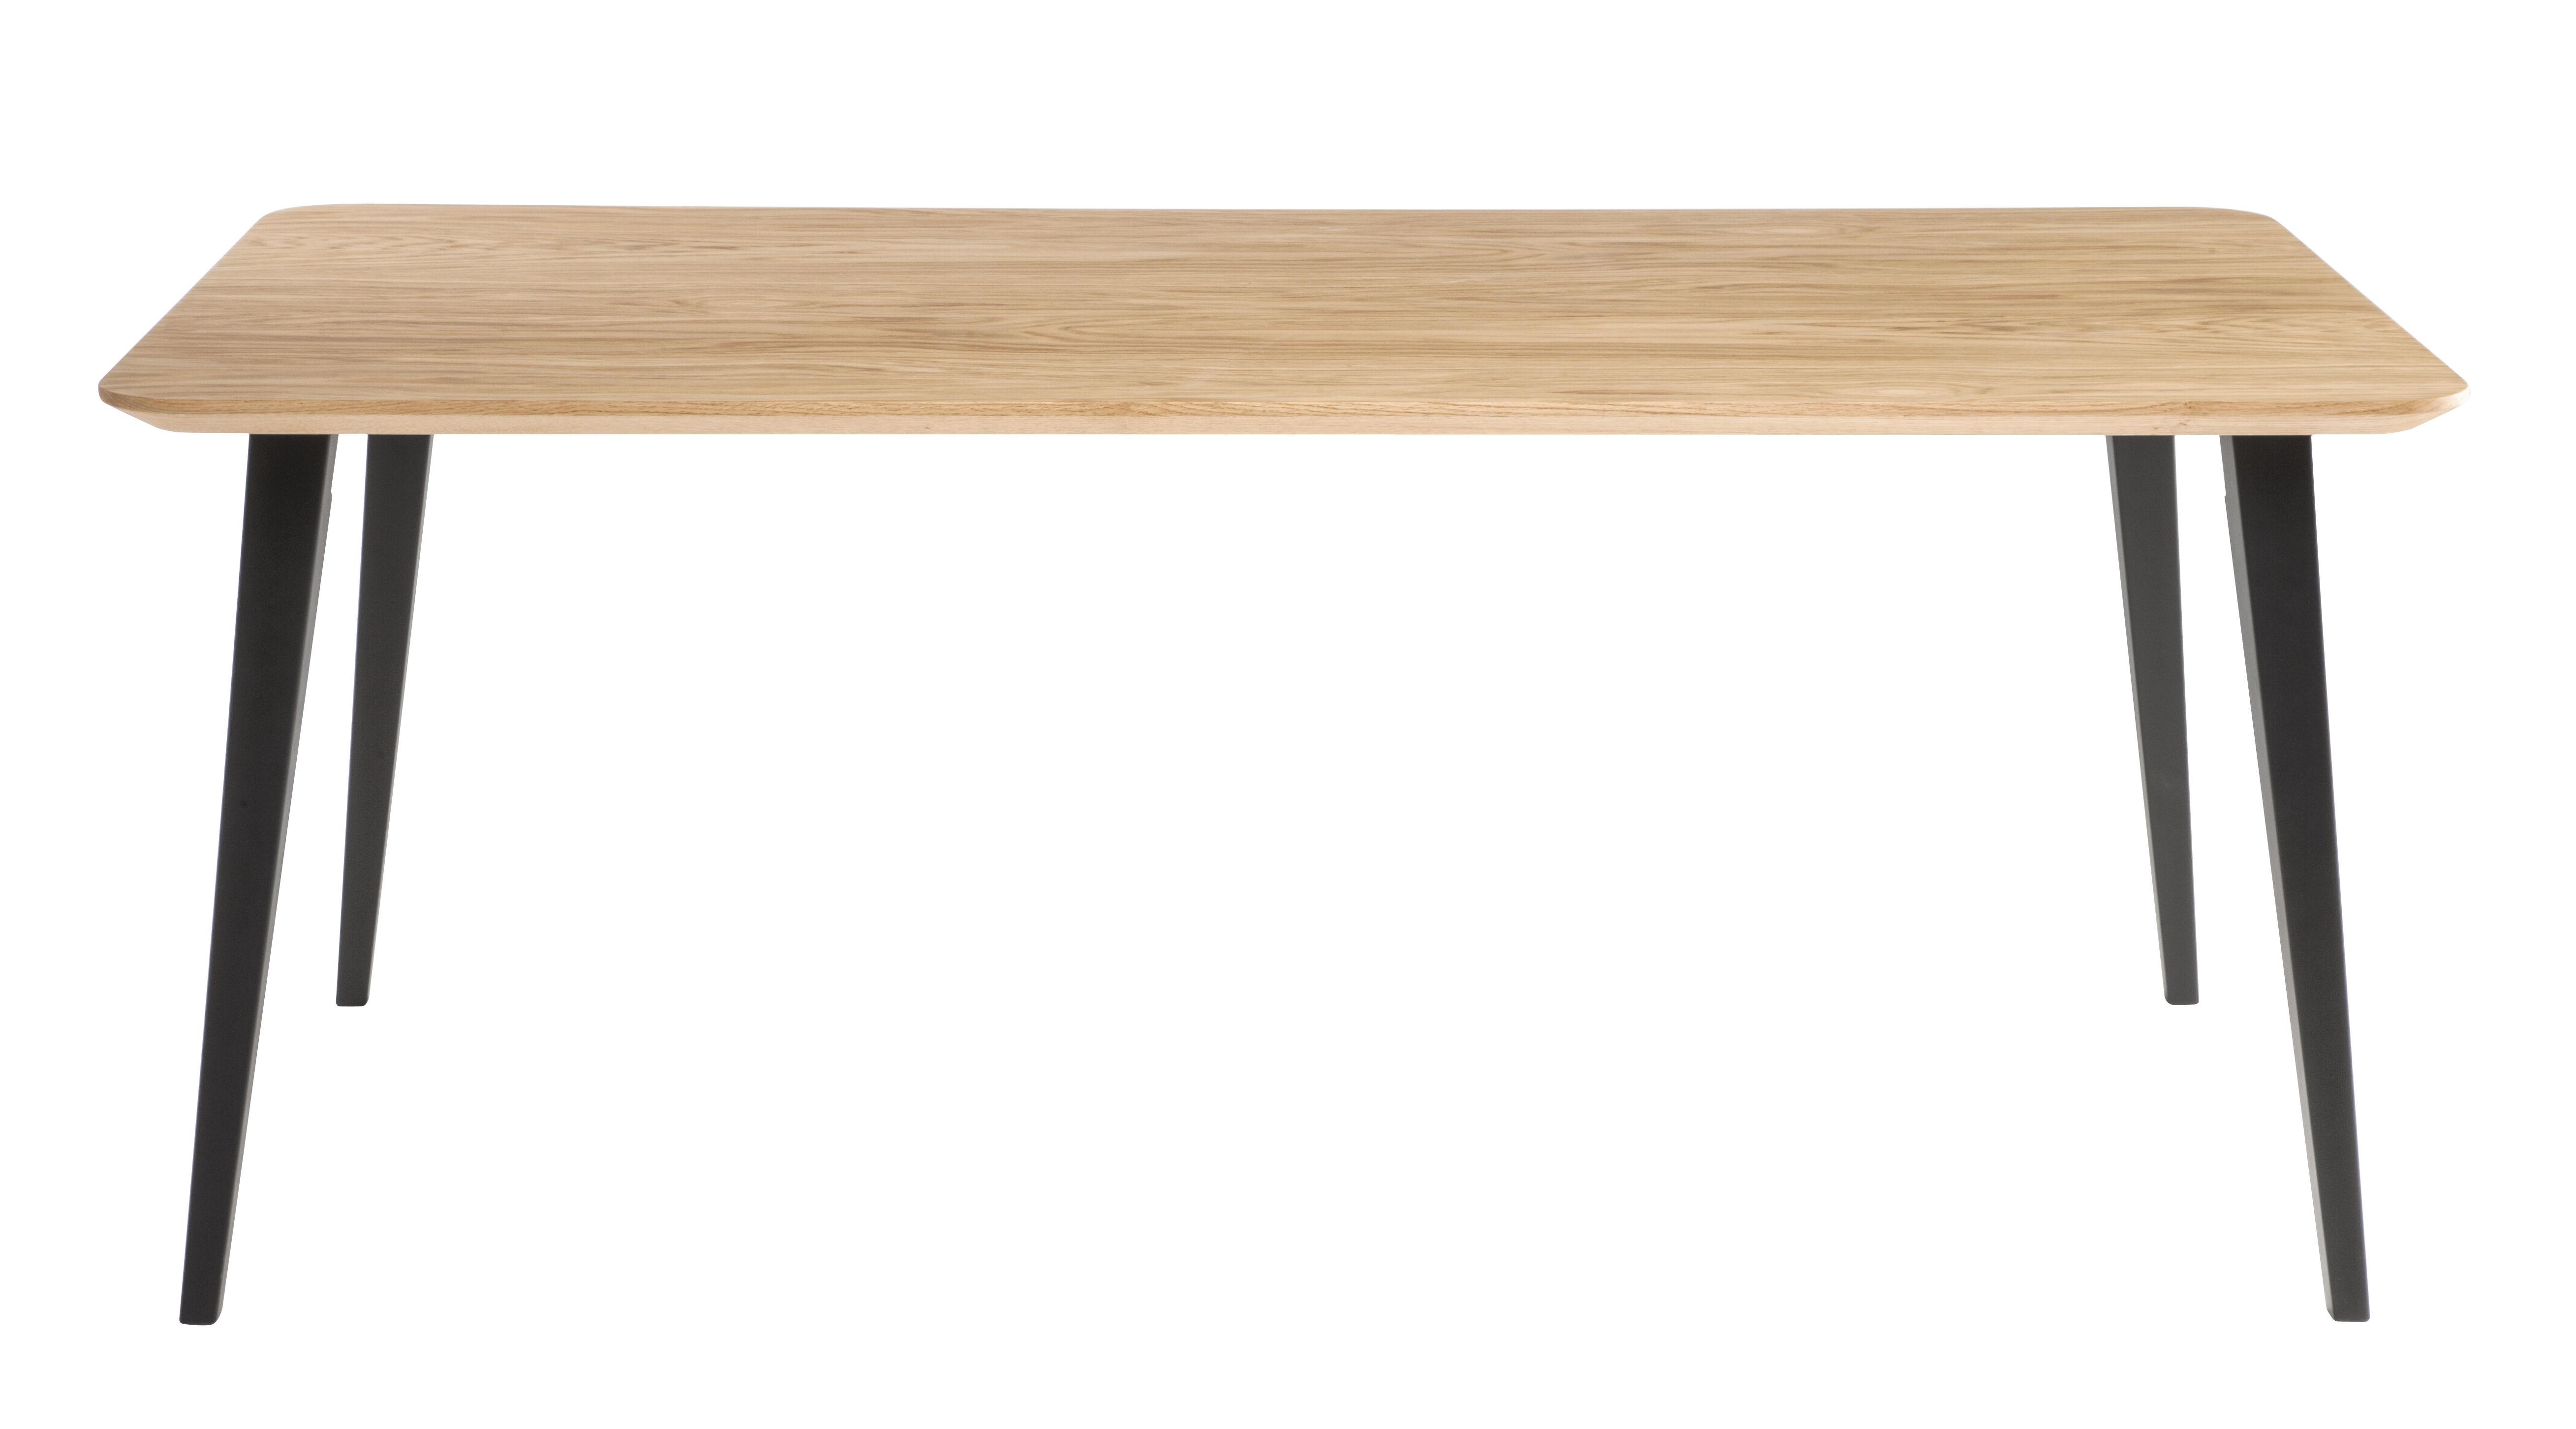 Table rectangulaire Bob / 180 x 90 cm - Bois - Ondarreta noir/bois naturel en bois